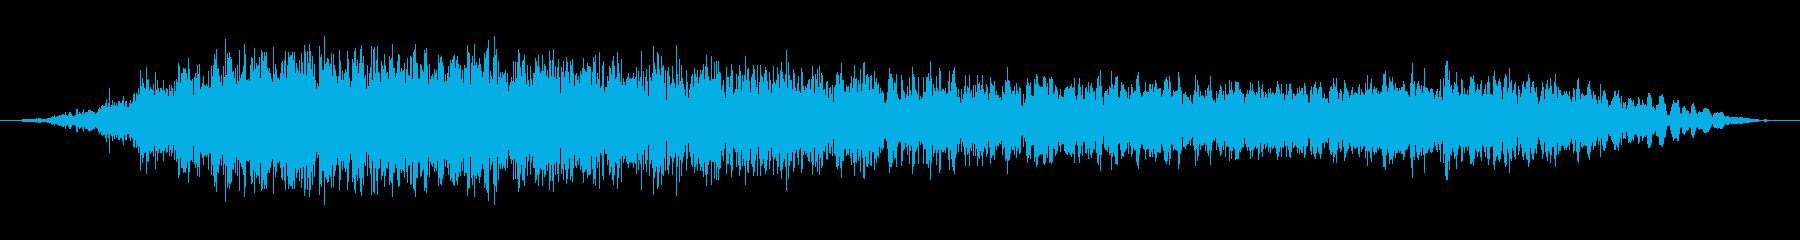 悪魔のうなり声1の再生済みの波形